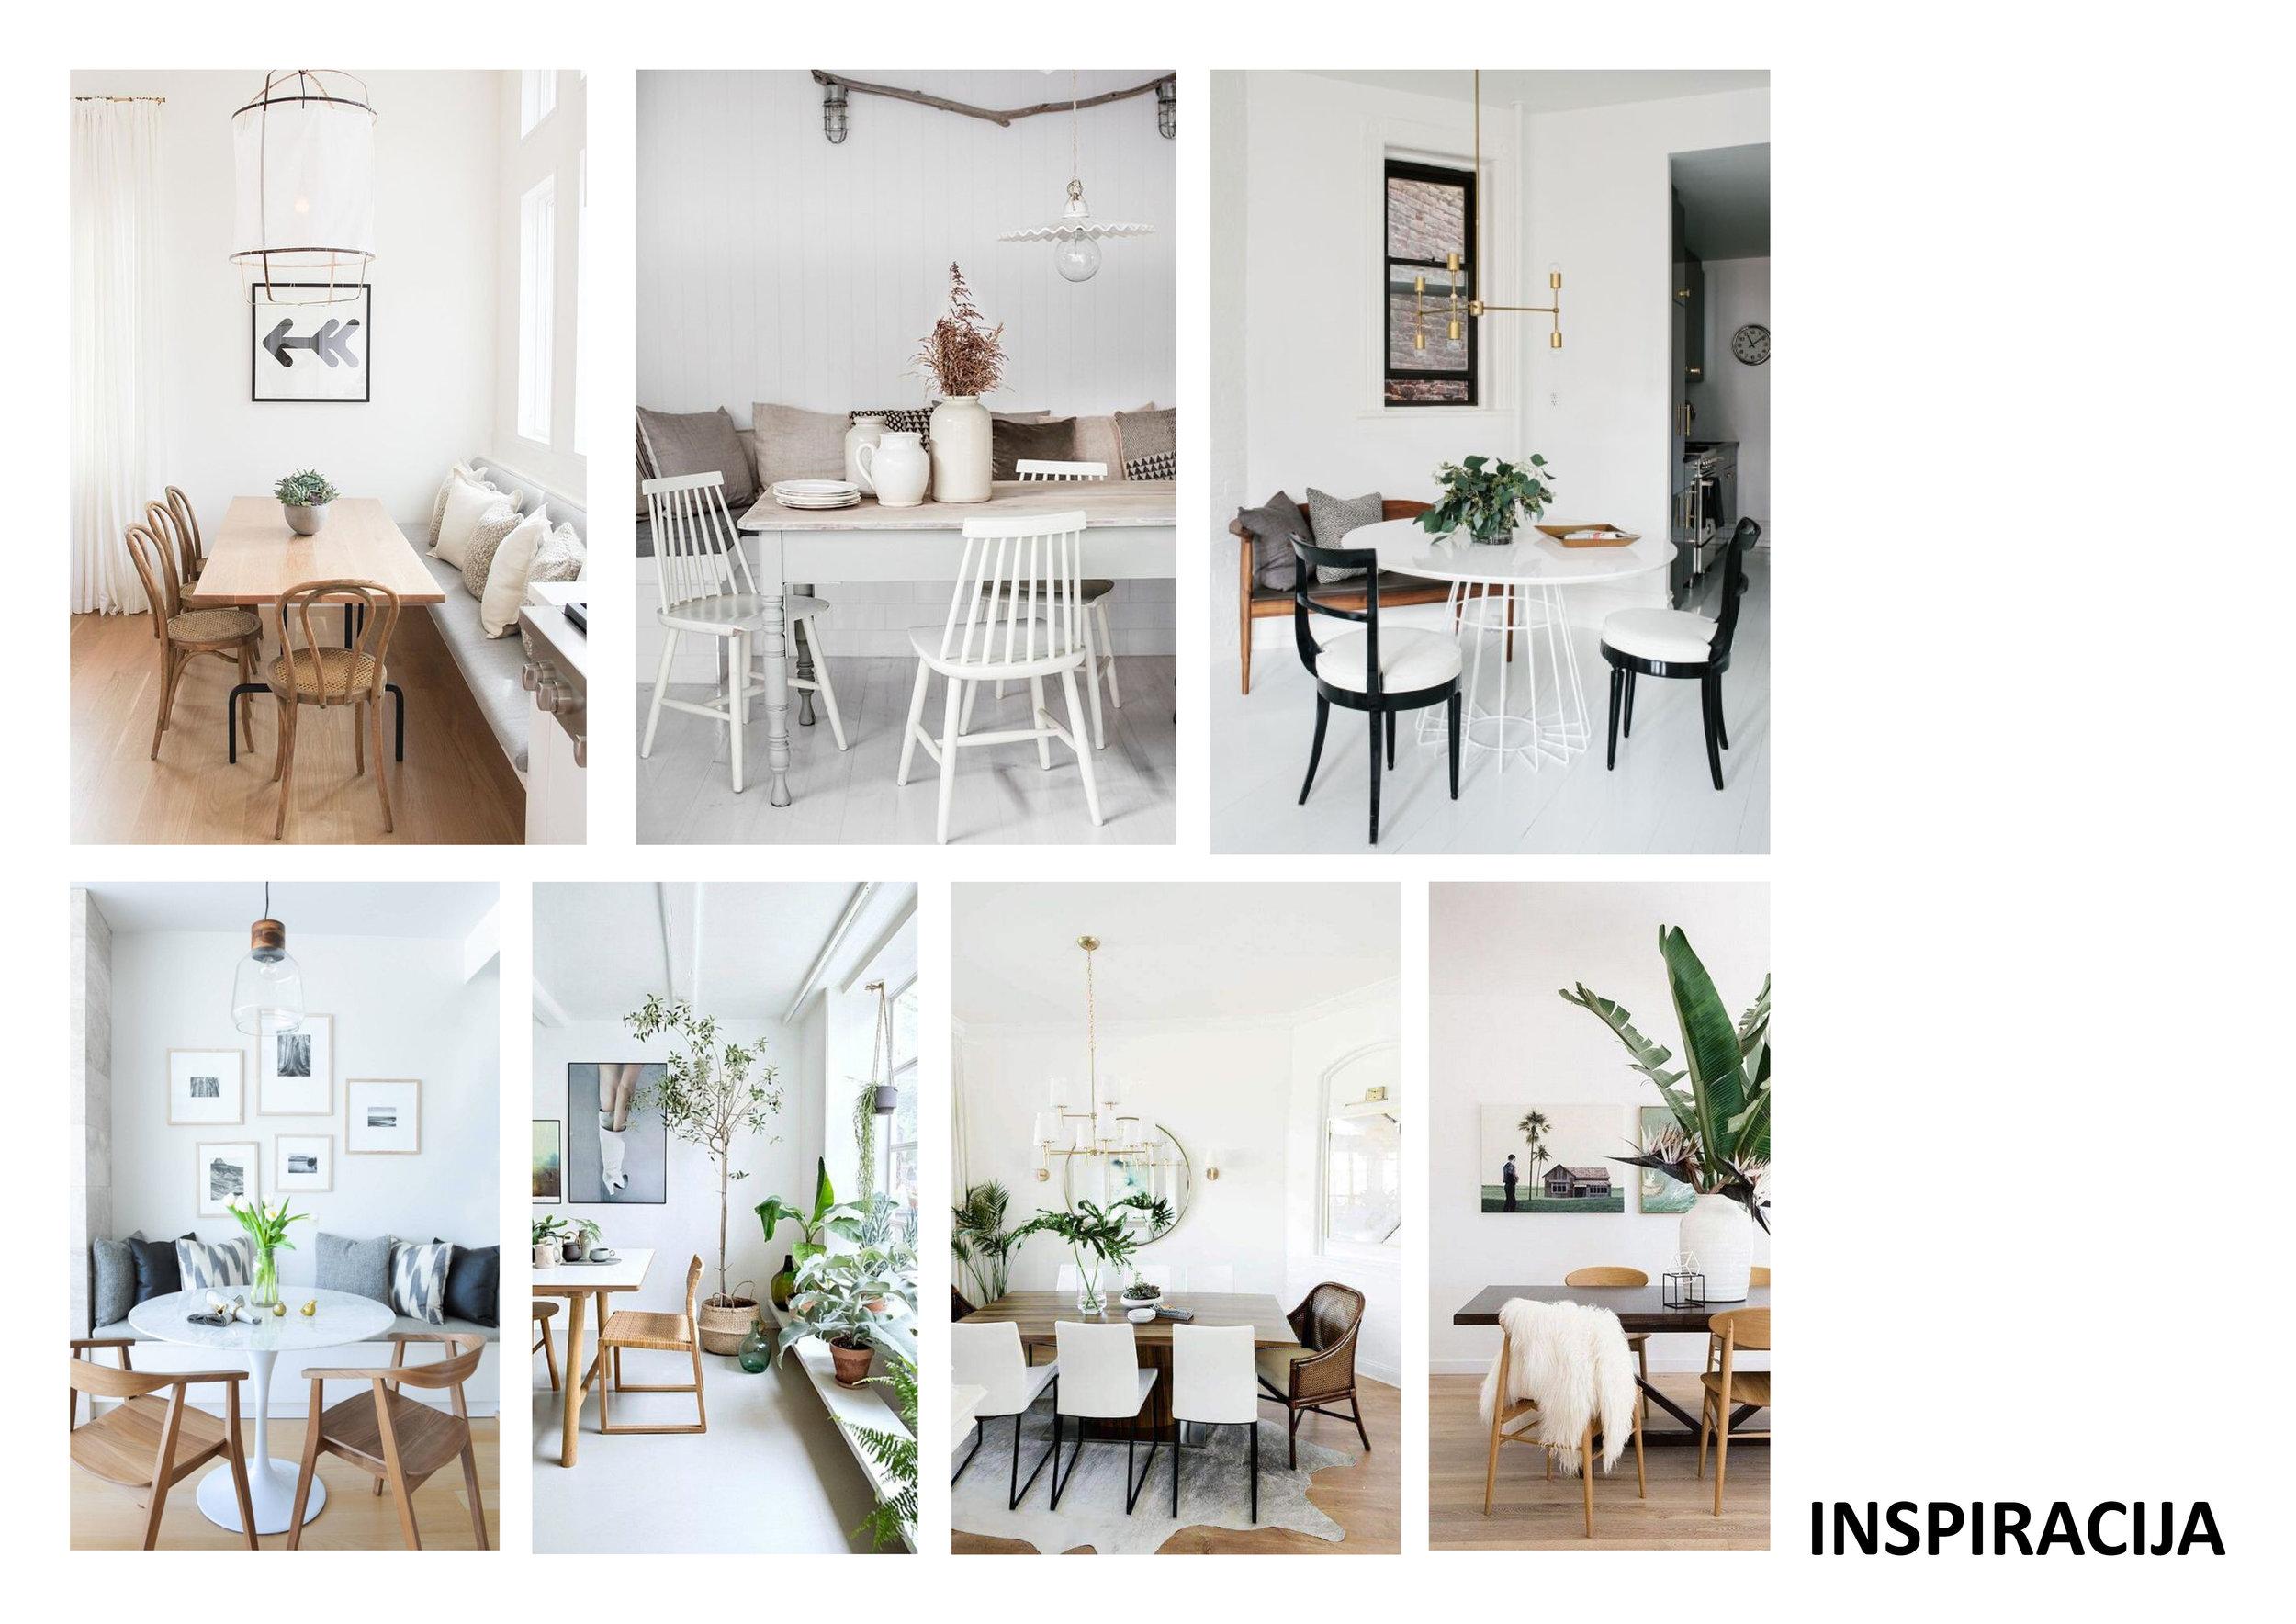 POKE inspiracija - notranje oblikovanje